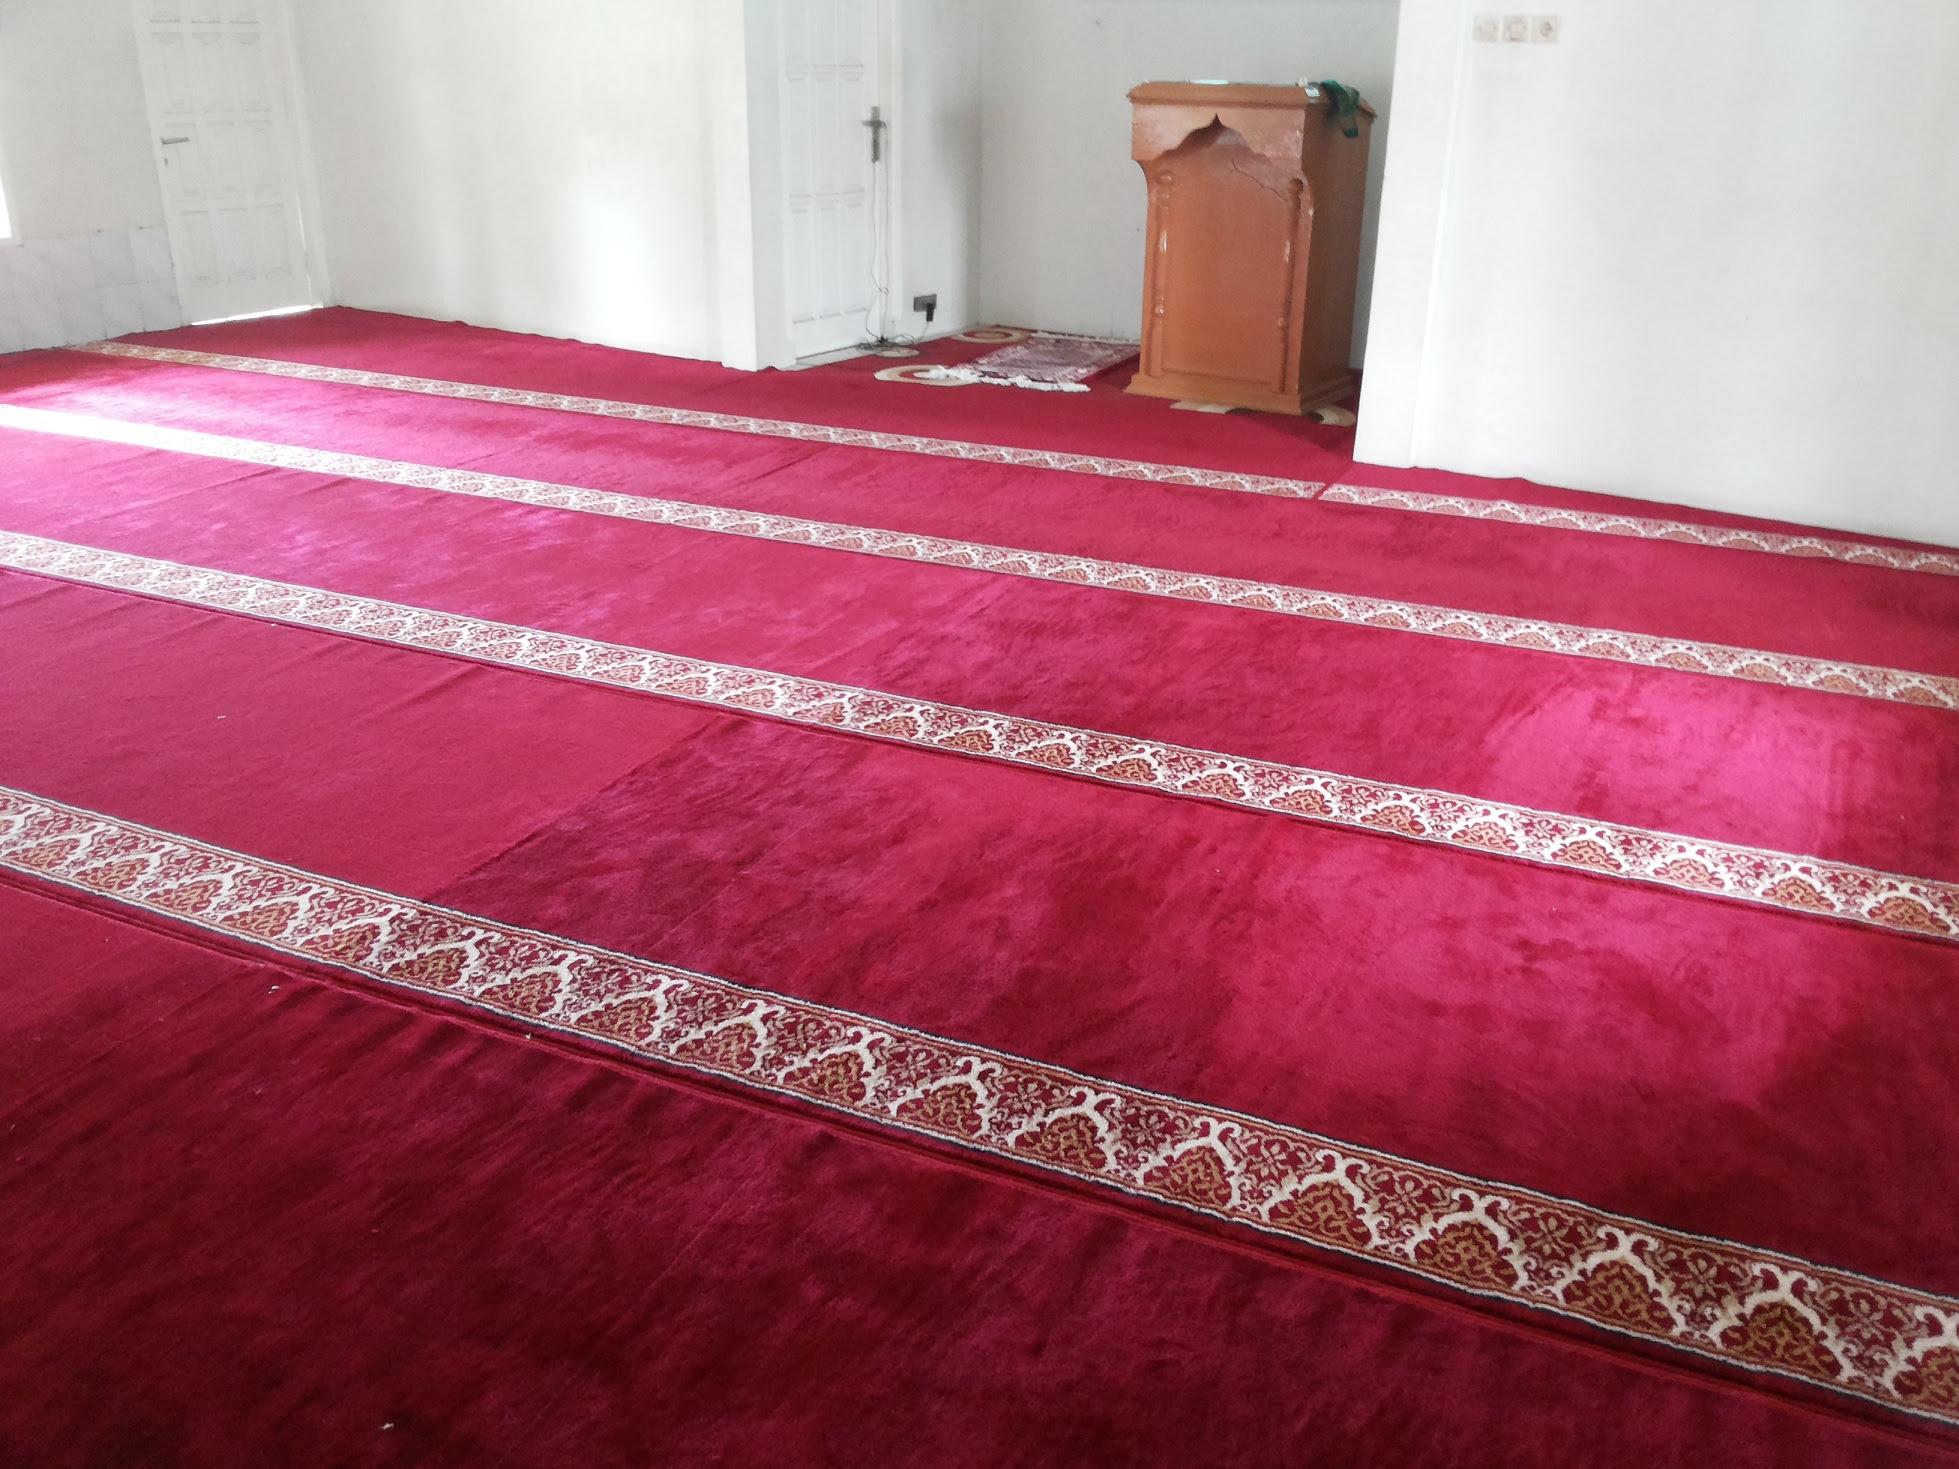 jual karpet masjid di yogyakarta harga terjangkau Al